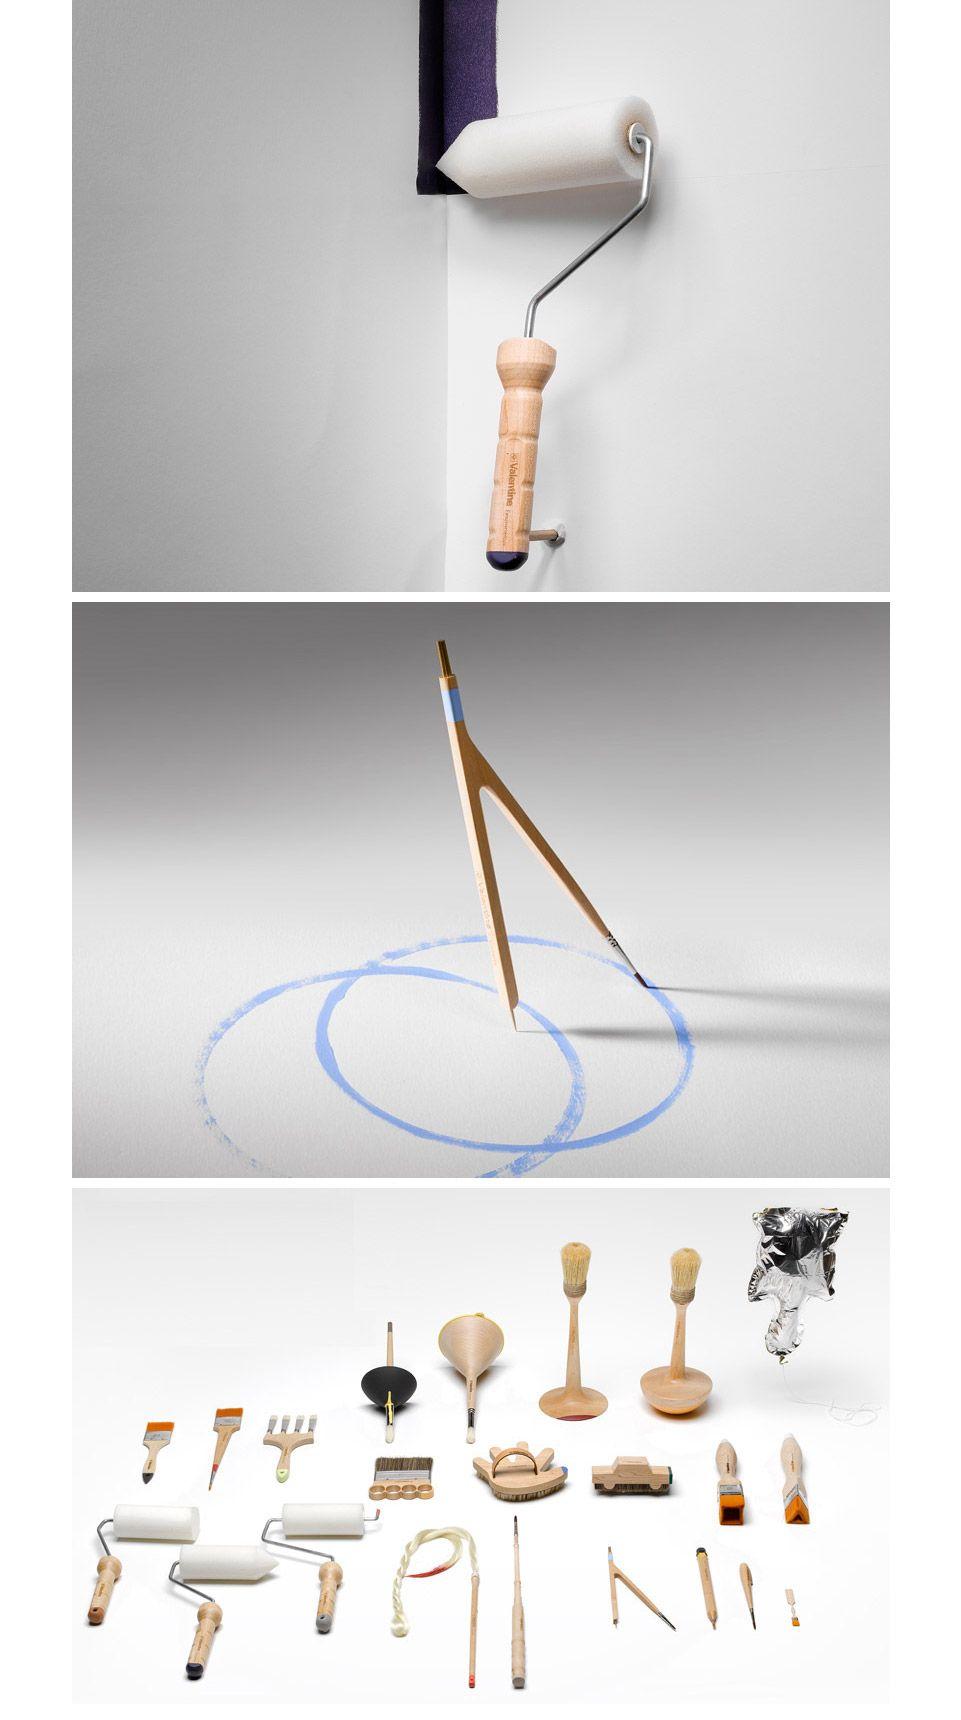 Os designers do estúdio CuldeSac criaram novos tipos de pincéis para pintura. Muito legal esse estudo.